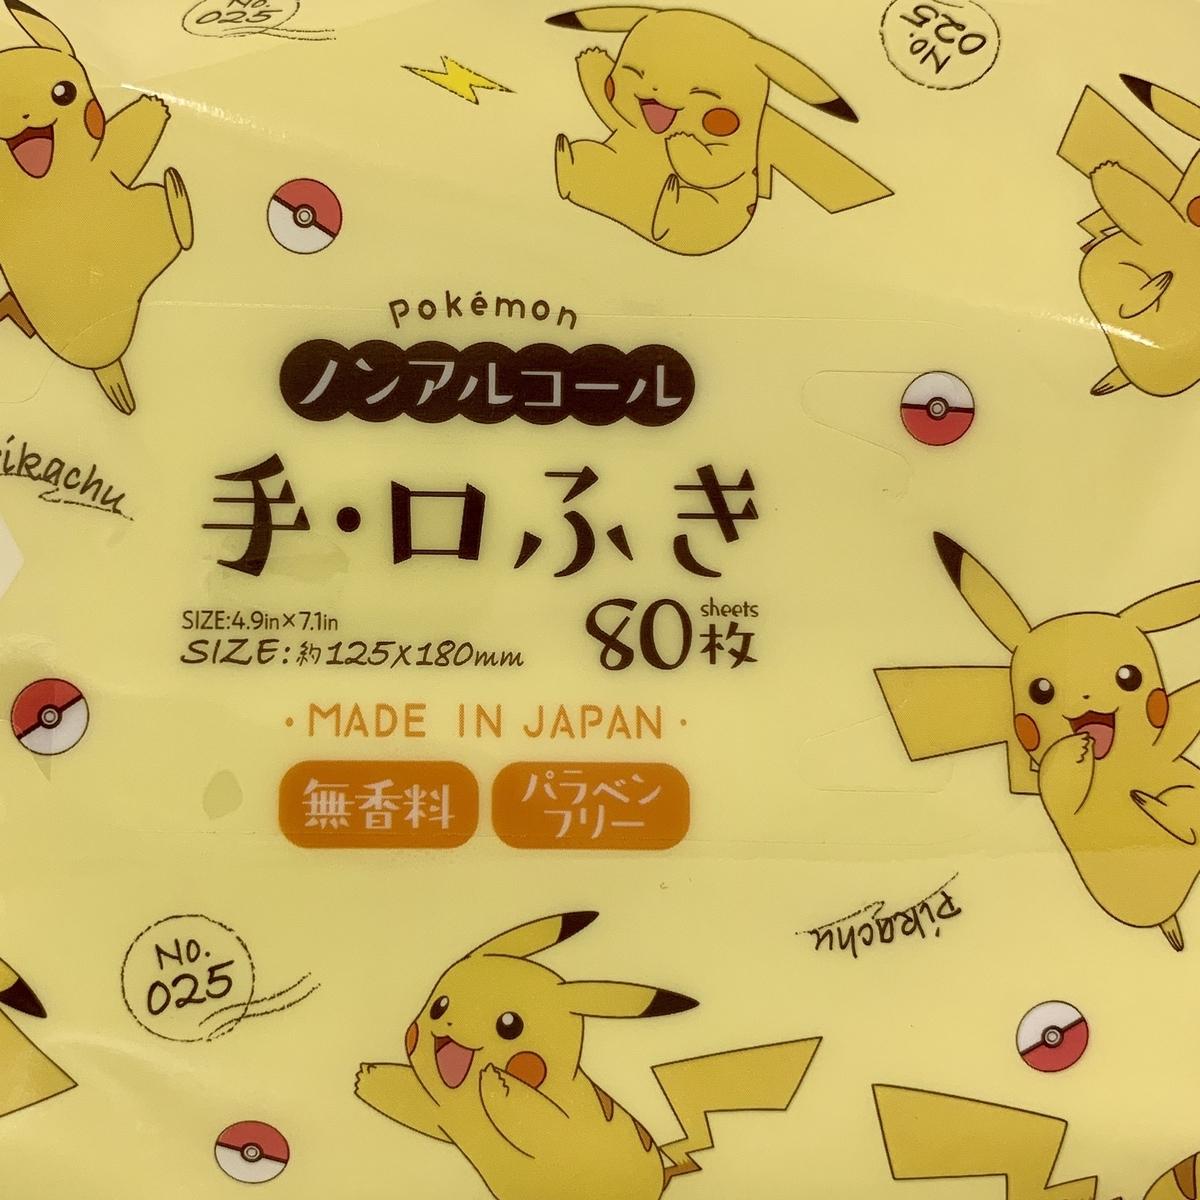 f:id:pikachu_pcn:20200531180222j:plain